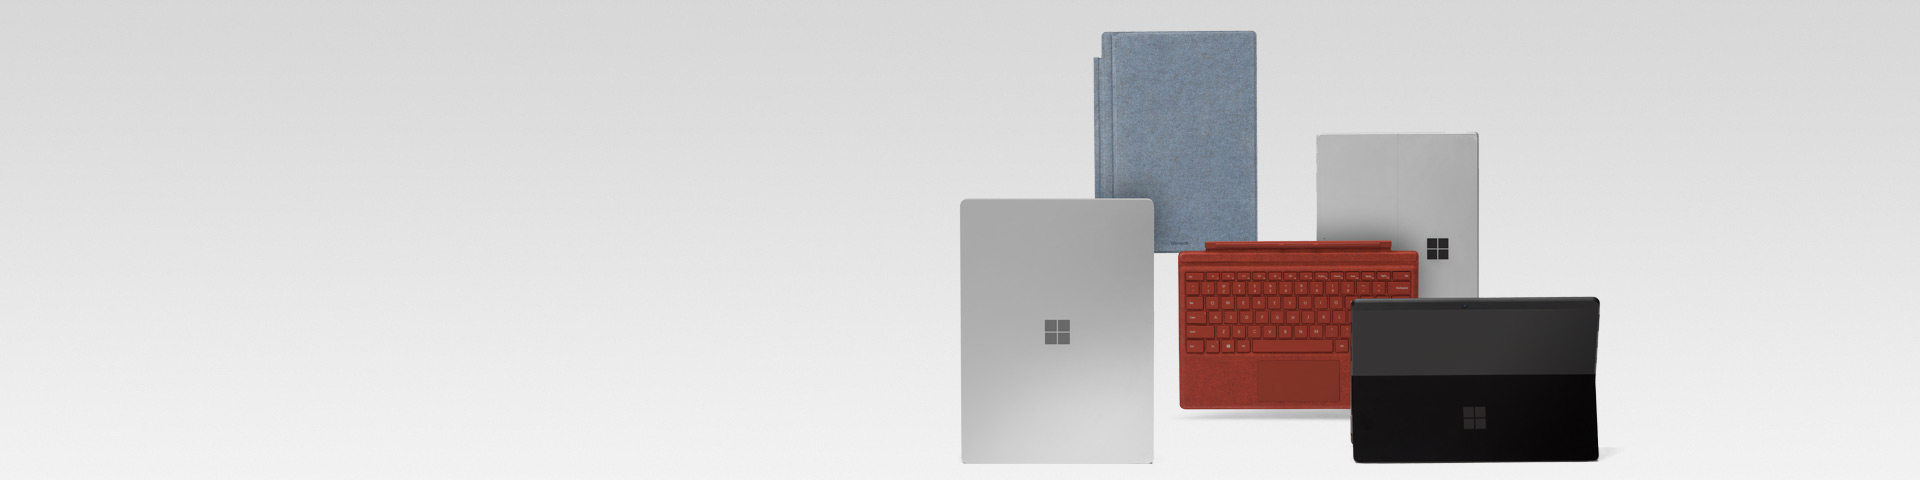 Familie van Surface-computers